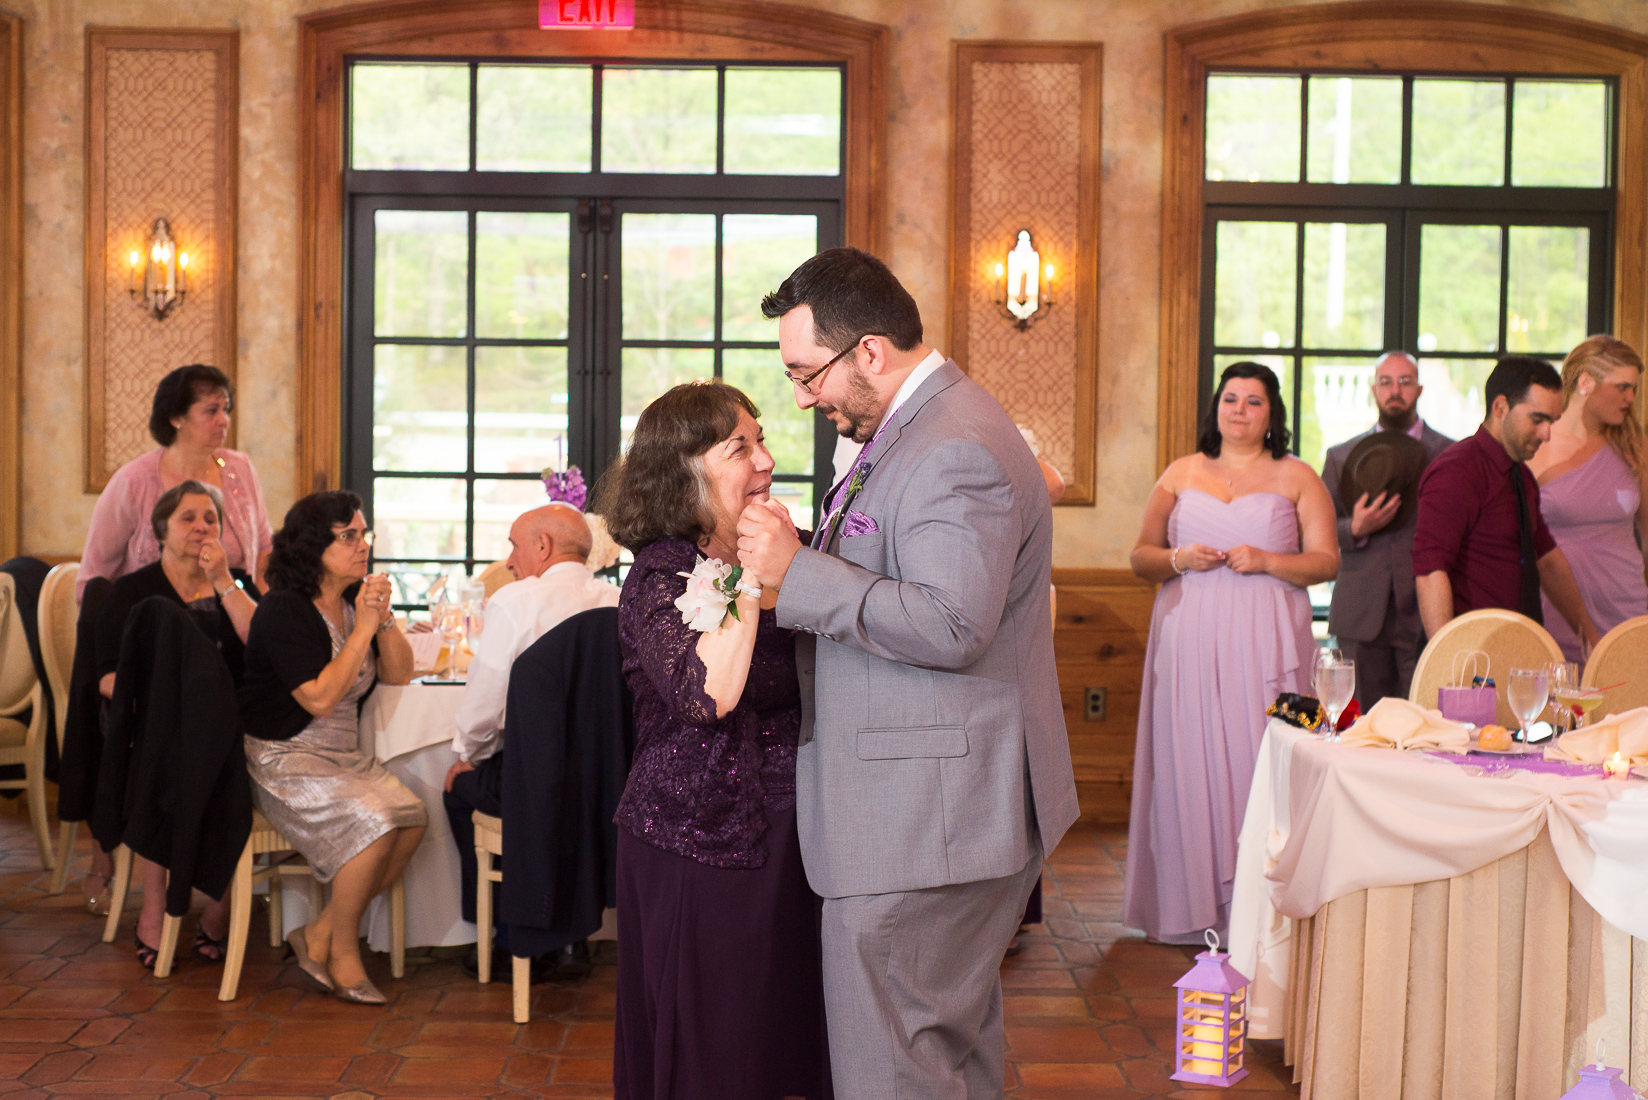 Manor-SouthOrange-NJ-wedding-0055.jpg